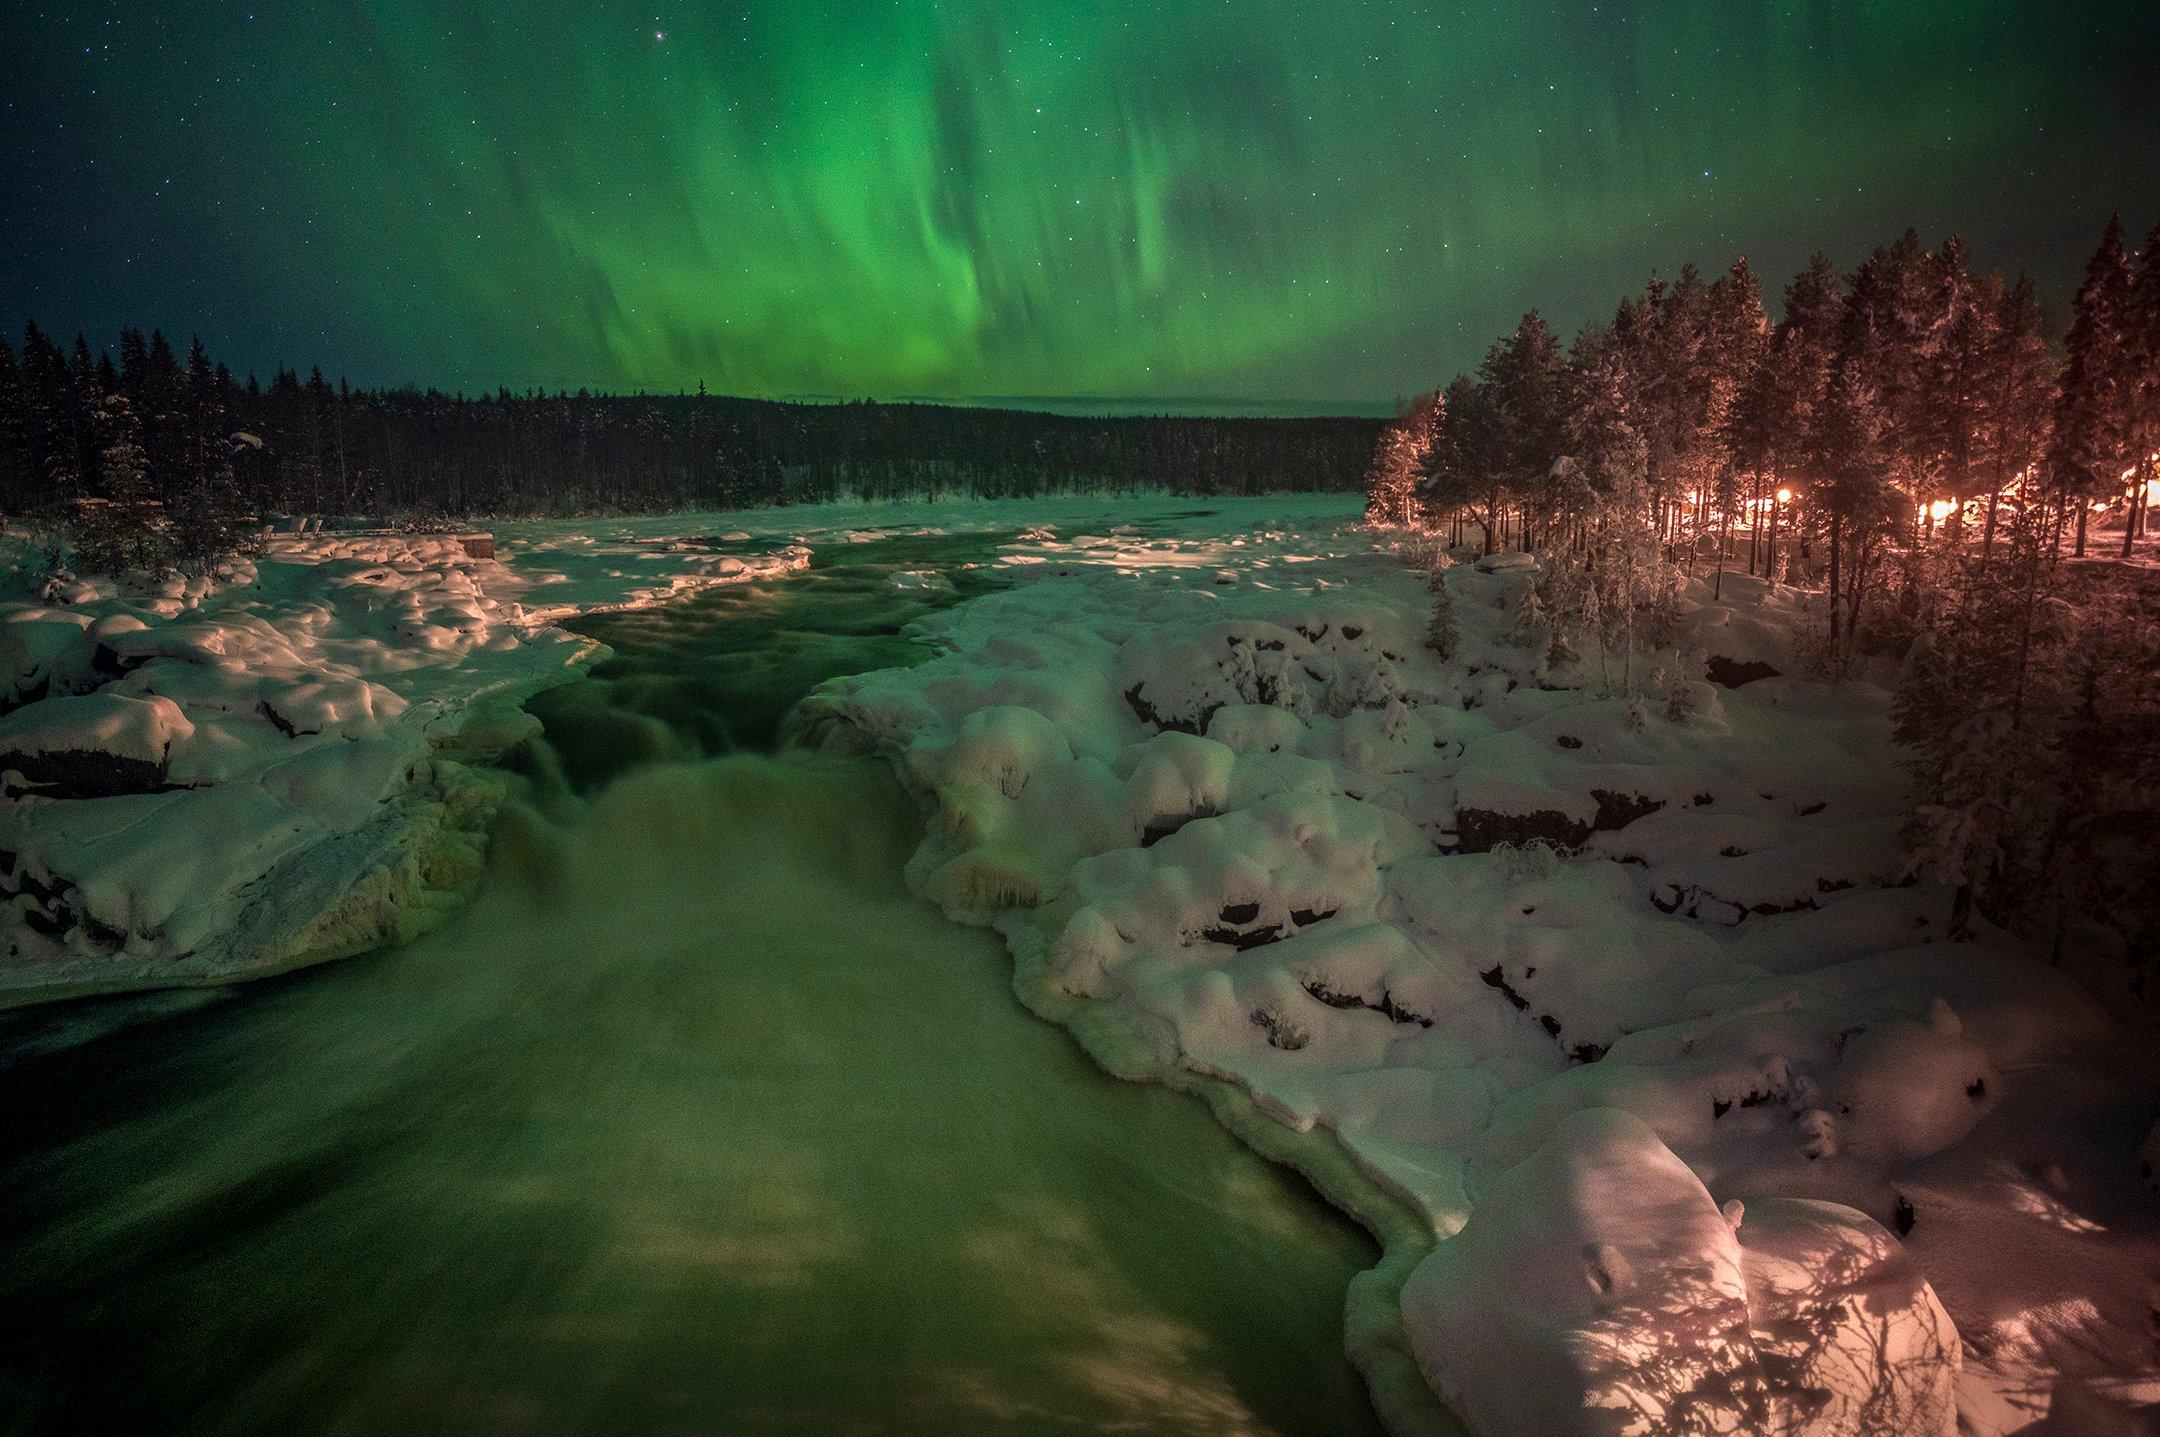 Een van de redenen om naar Lapland te gaan is het zien van het noorderlicht